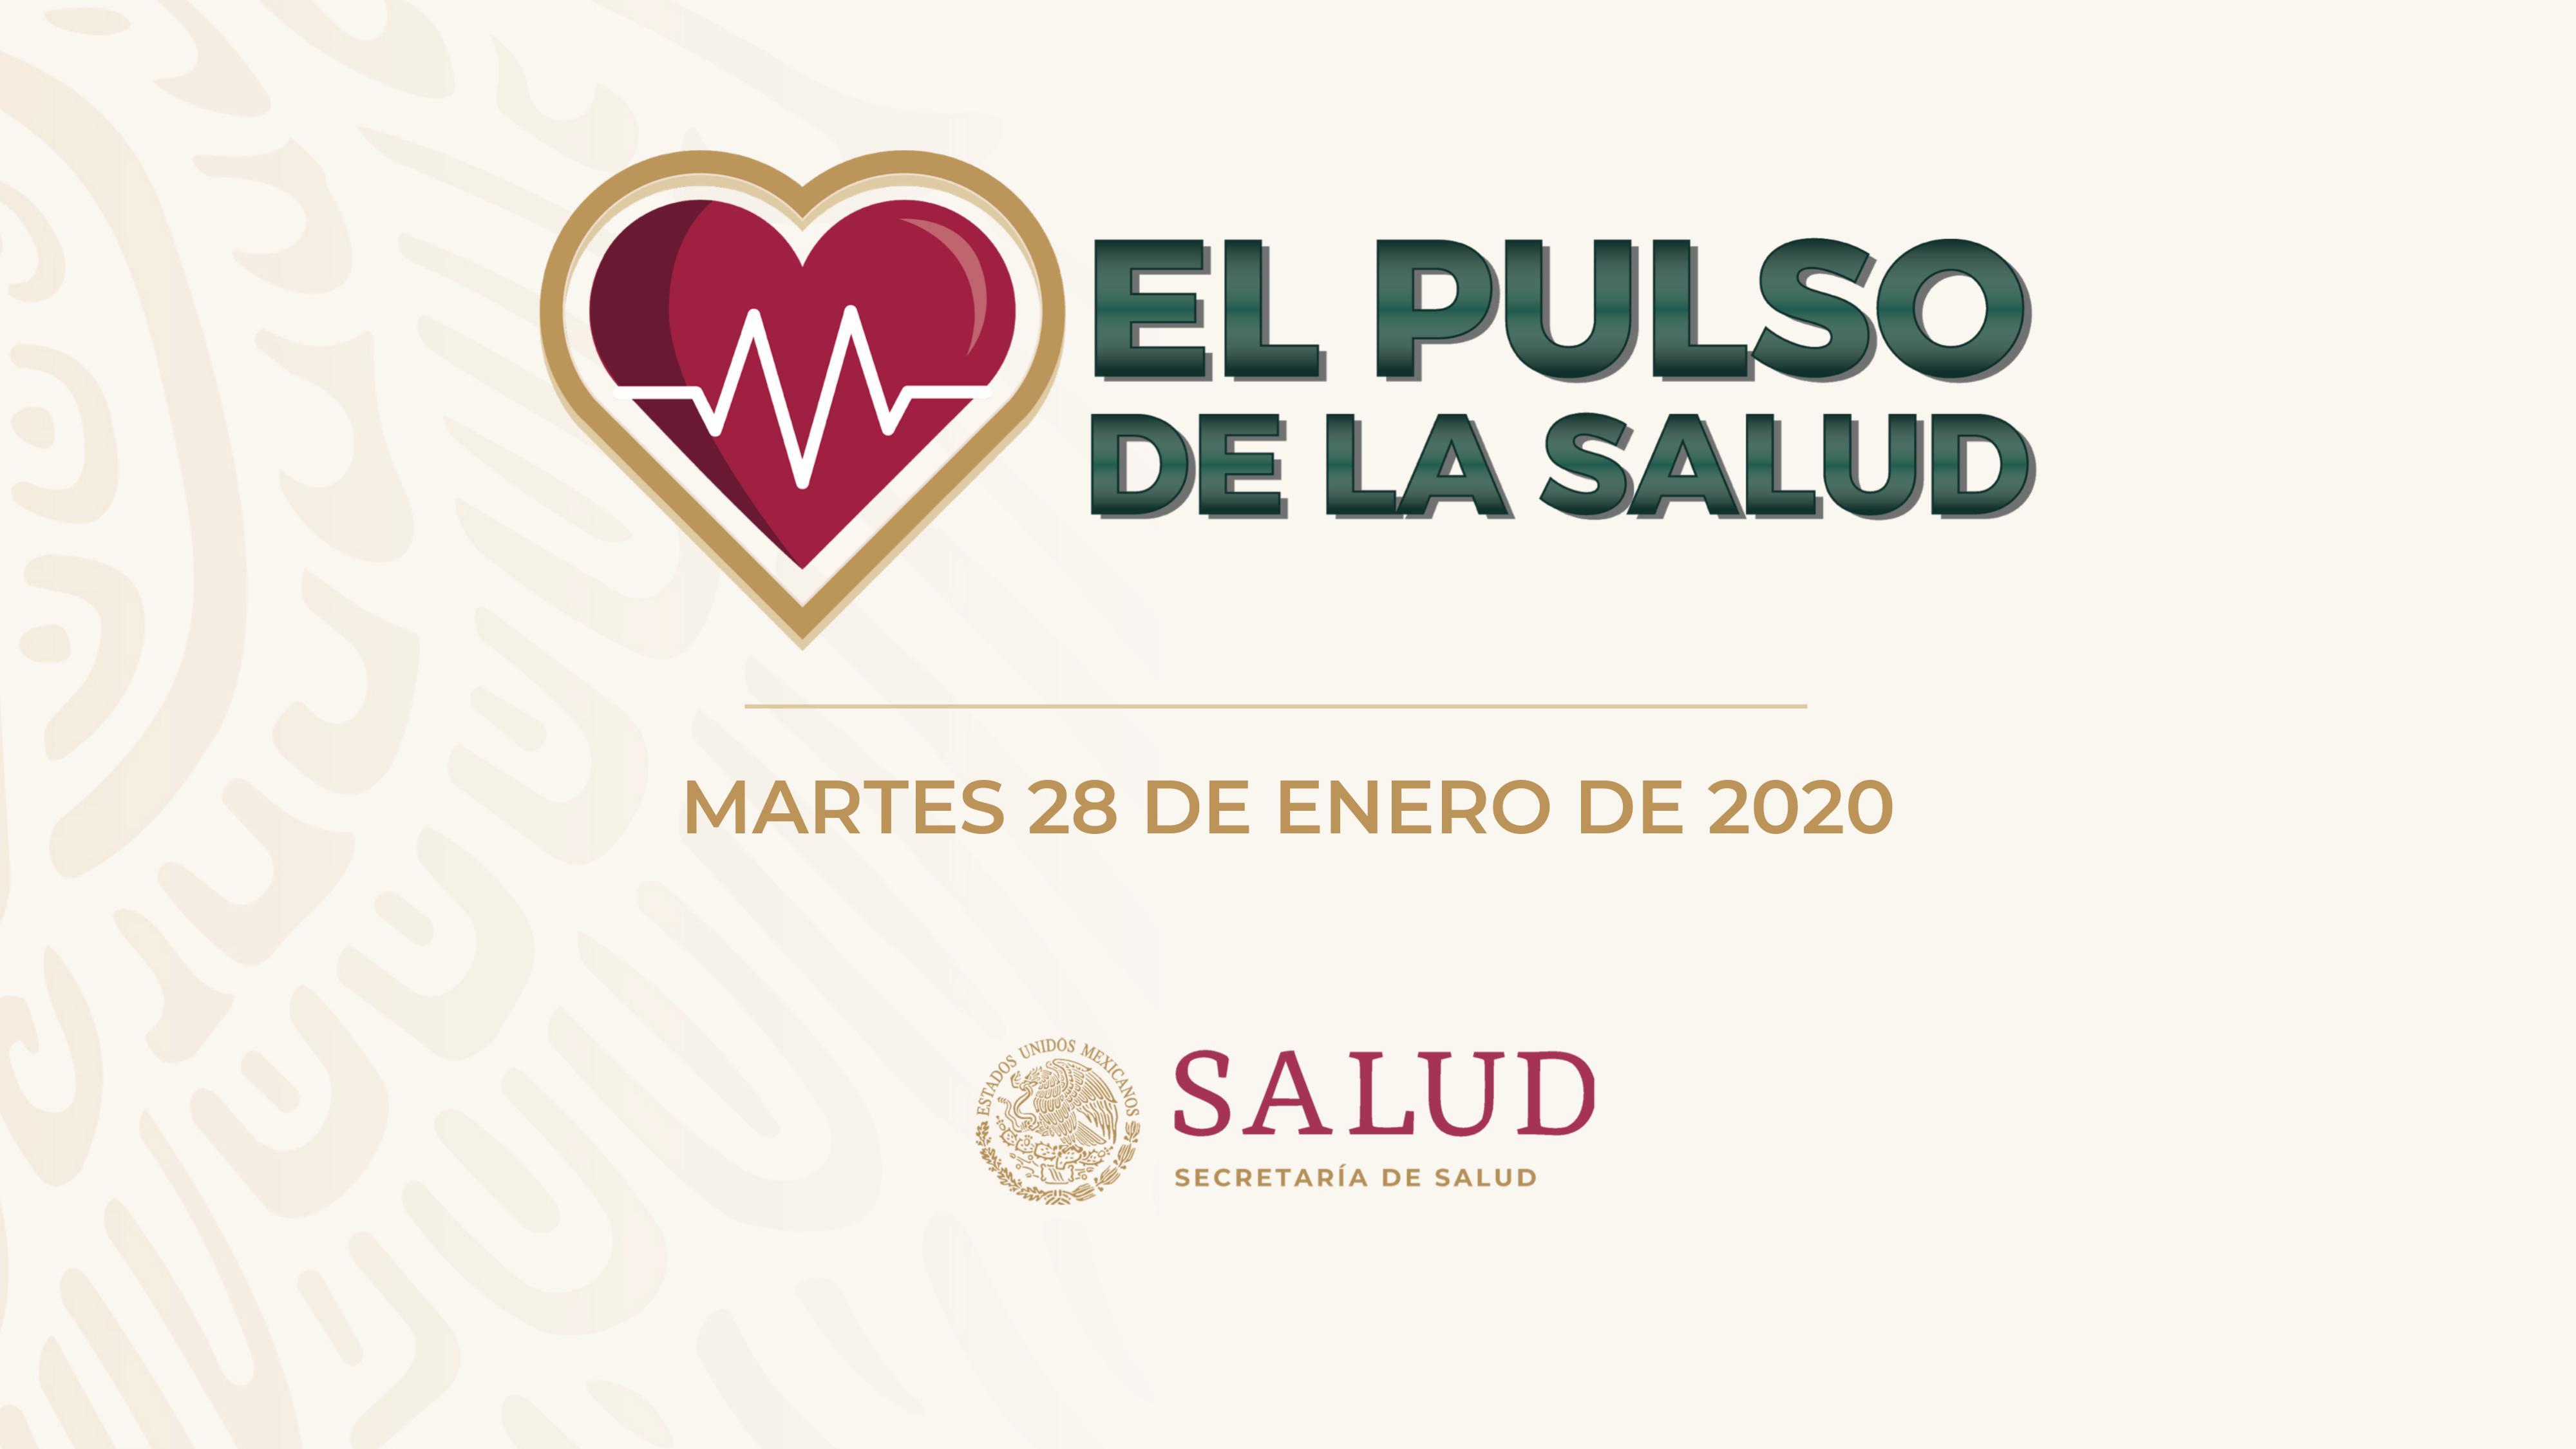 promoción comunitaria de salud y estrategias de bienestar para ayudar a prevenir la diabetes